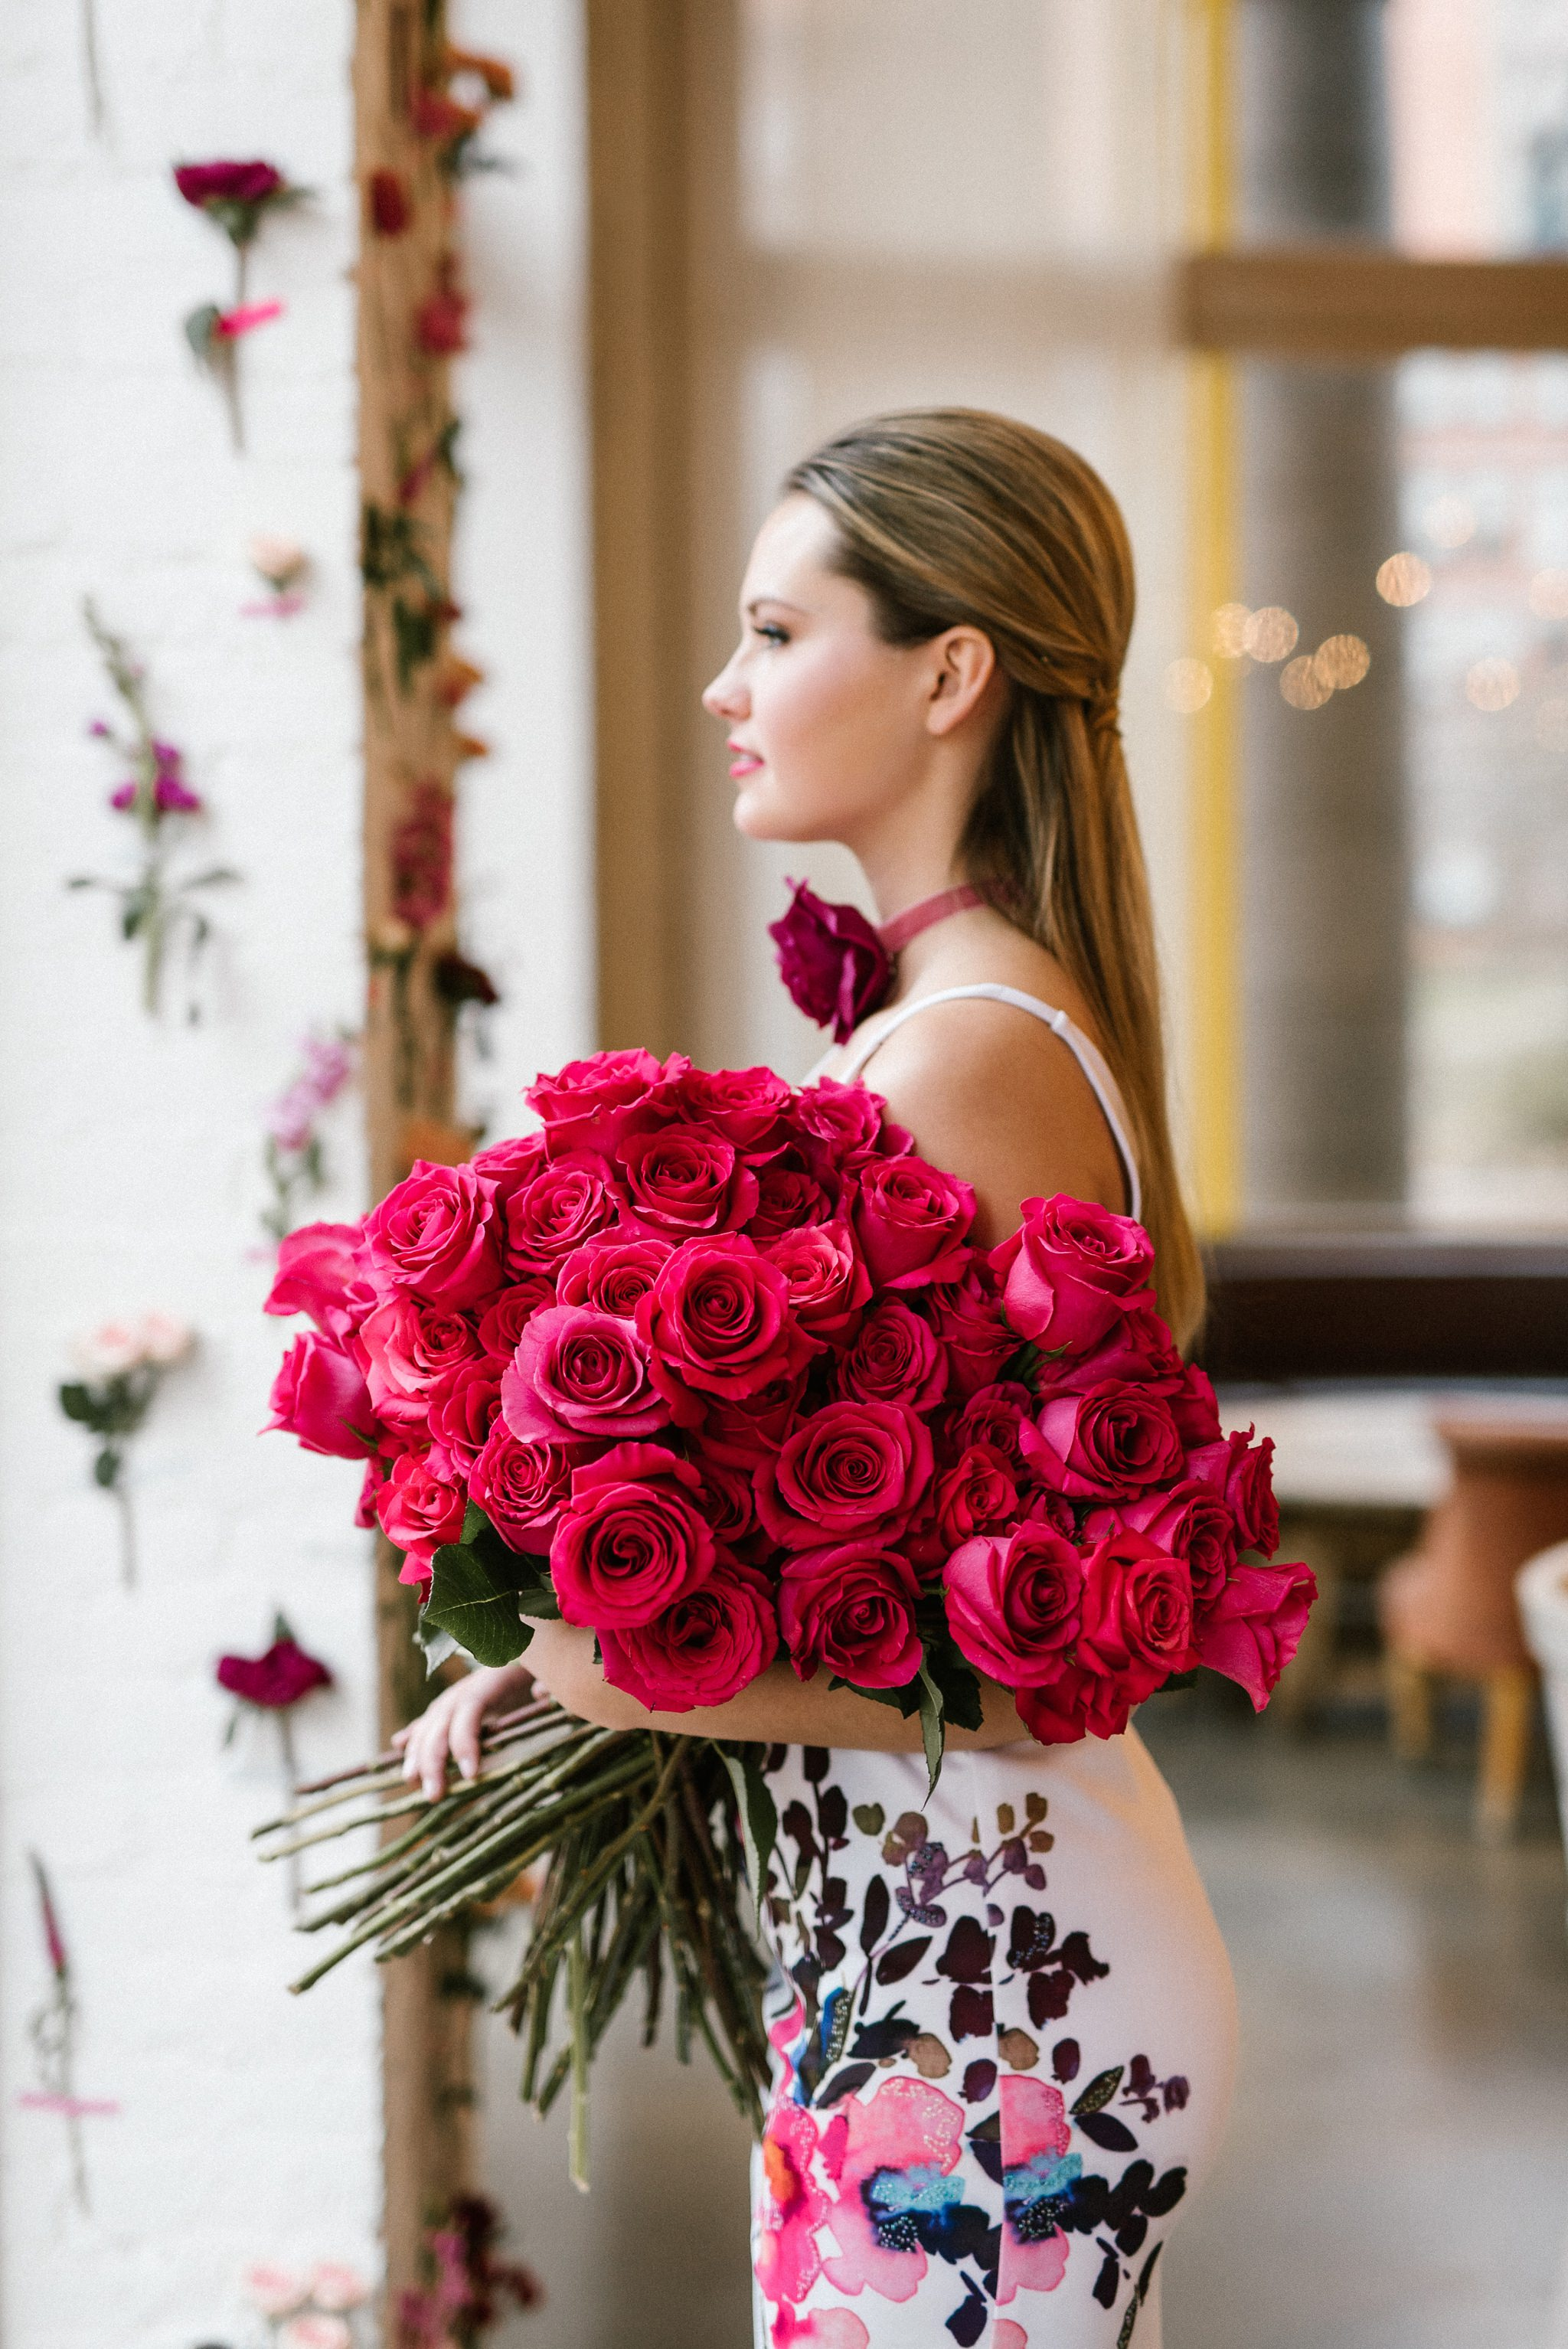 фотосессия с большим букетом роз